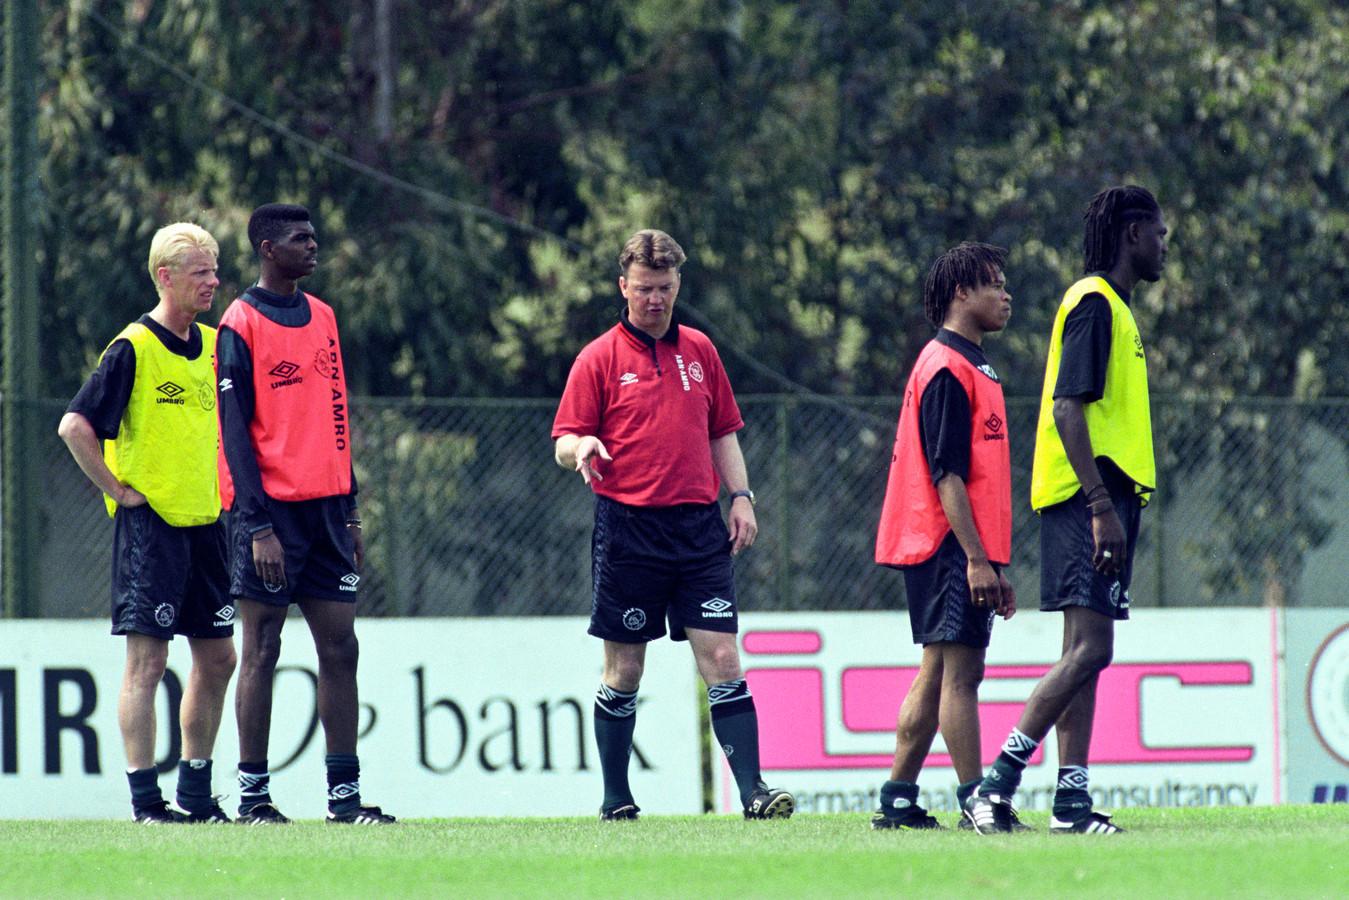 Louis van Gaal zet in de afsluitende training voor de Champions League-finale met Juventus nog de puntjes op de i. Arnold Scholten (uiterst links) luistert aandachtig.